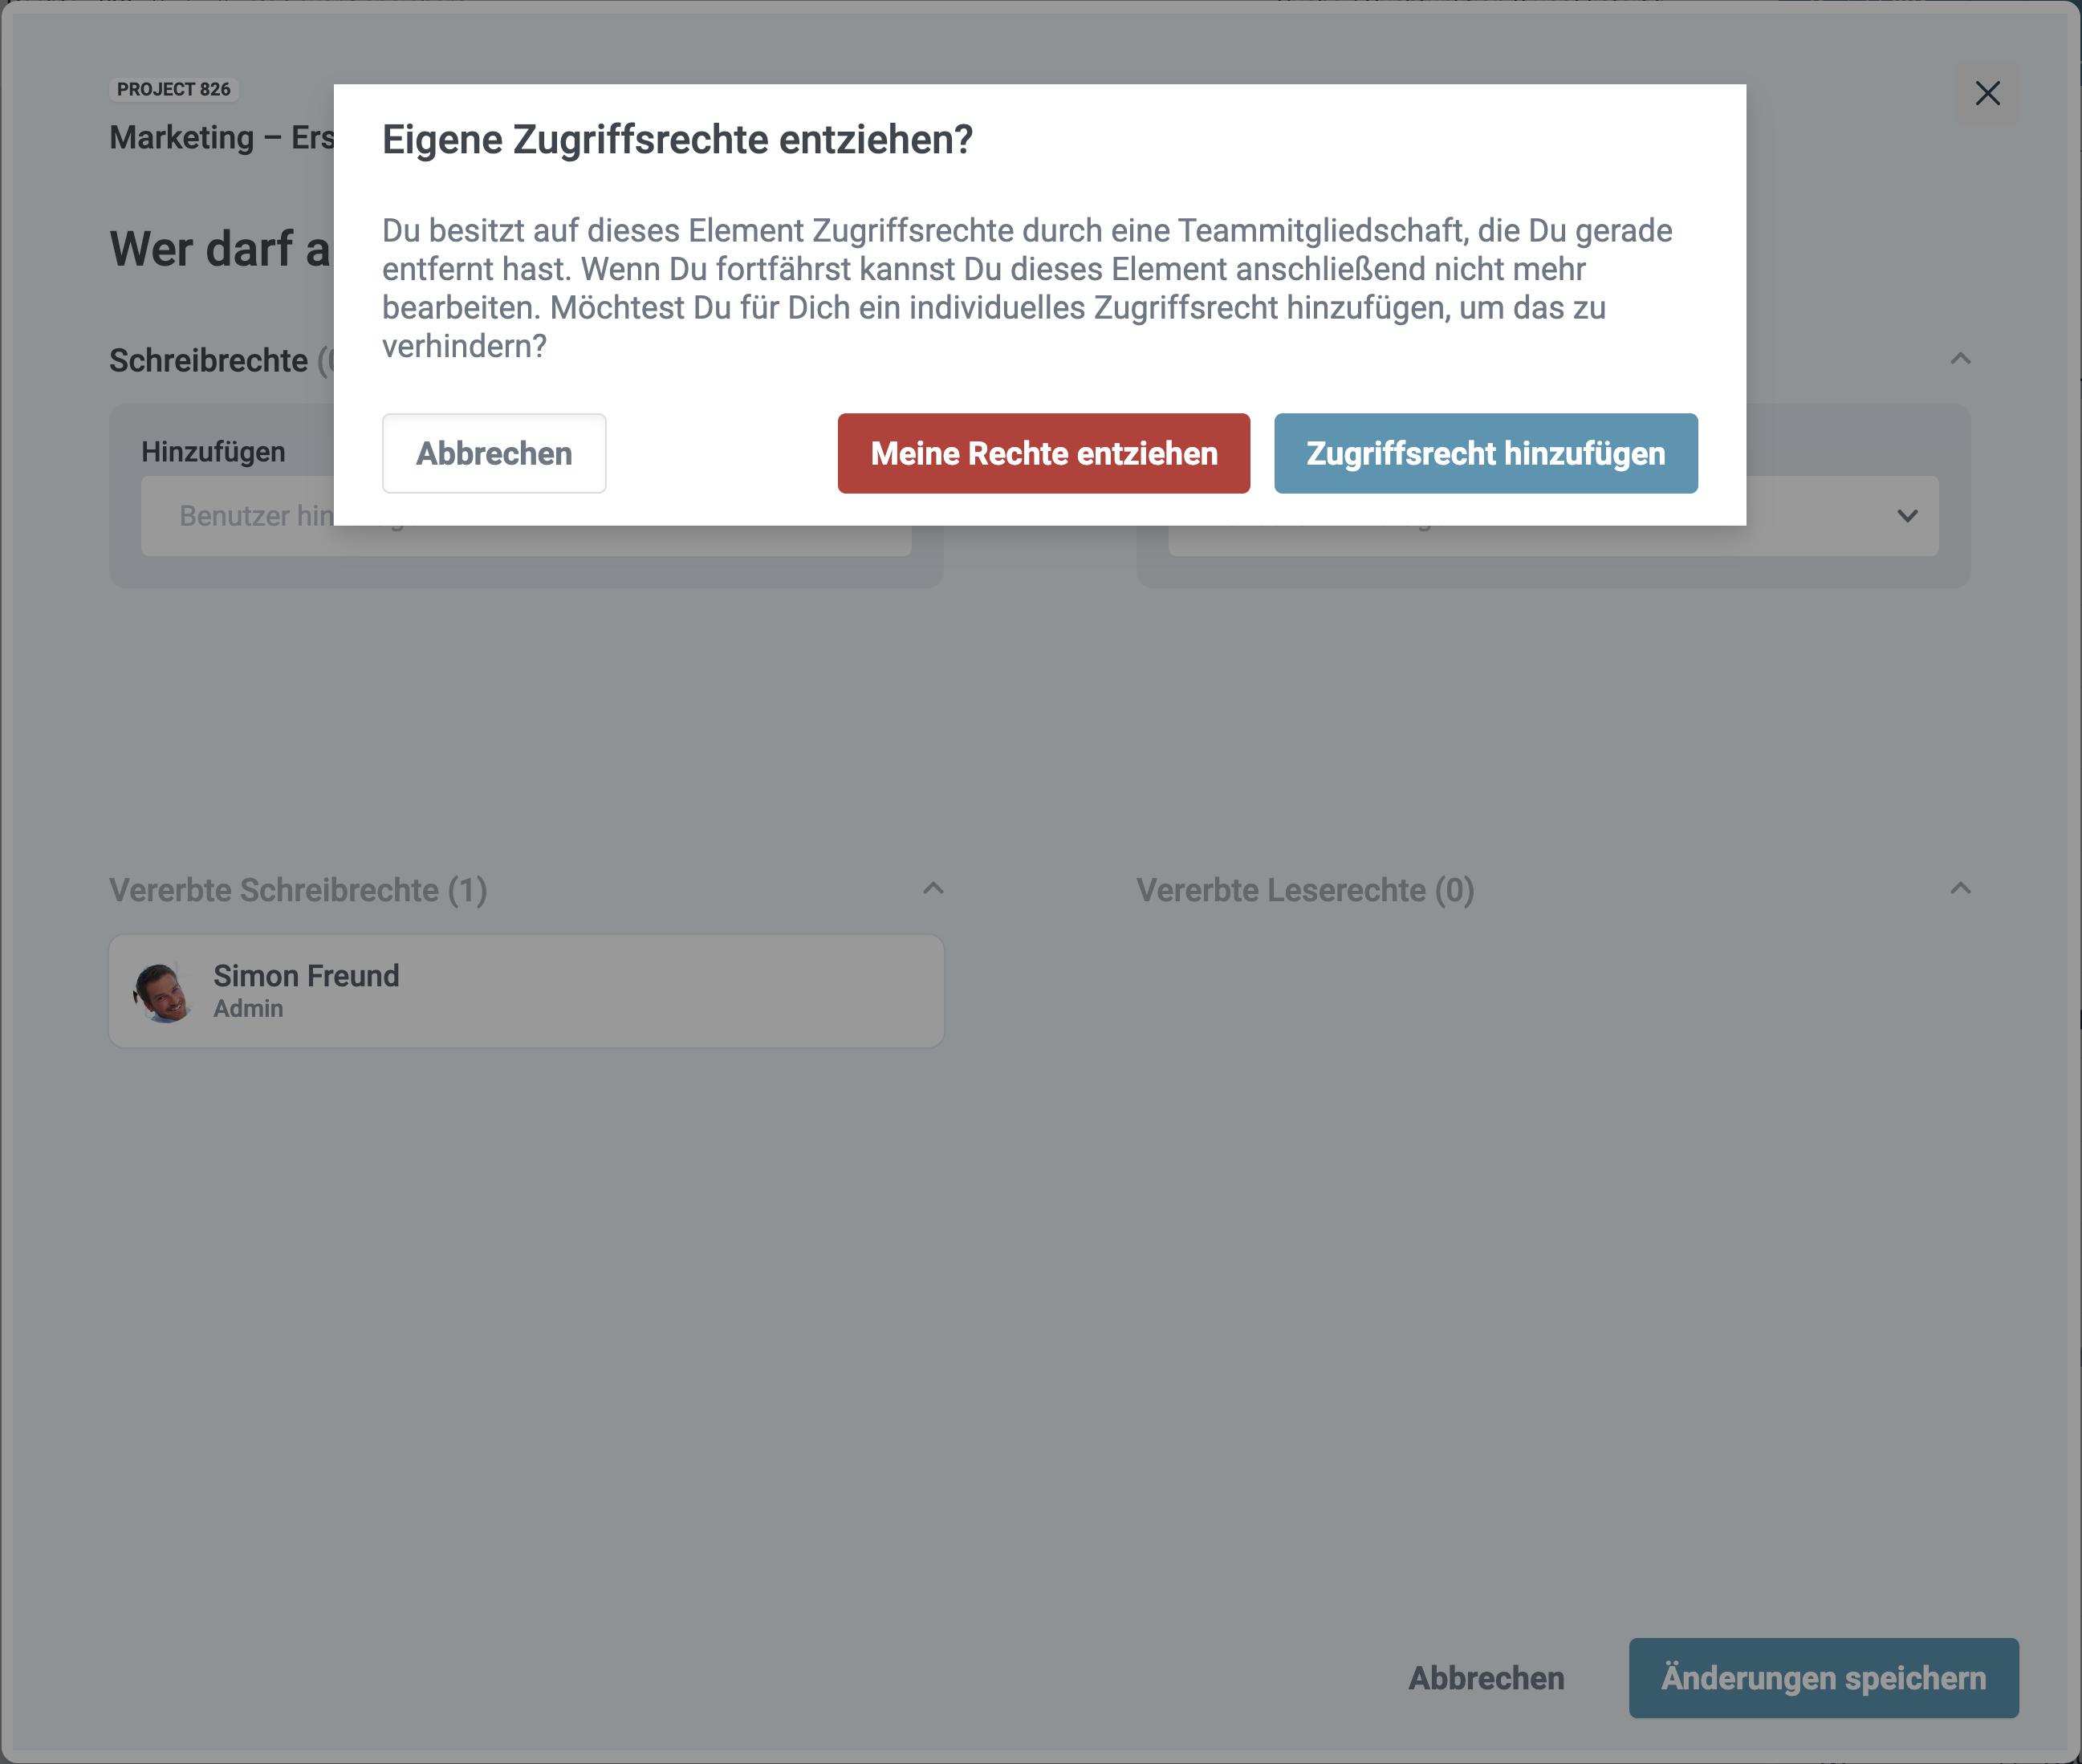 Ein Screenshot der Abfrage bei selbst entzogenen Rechten in factro